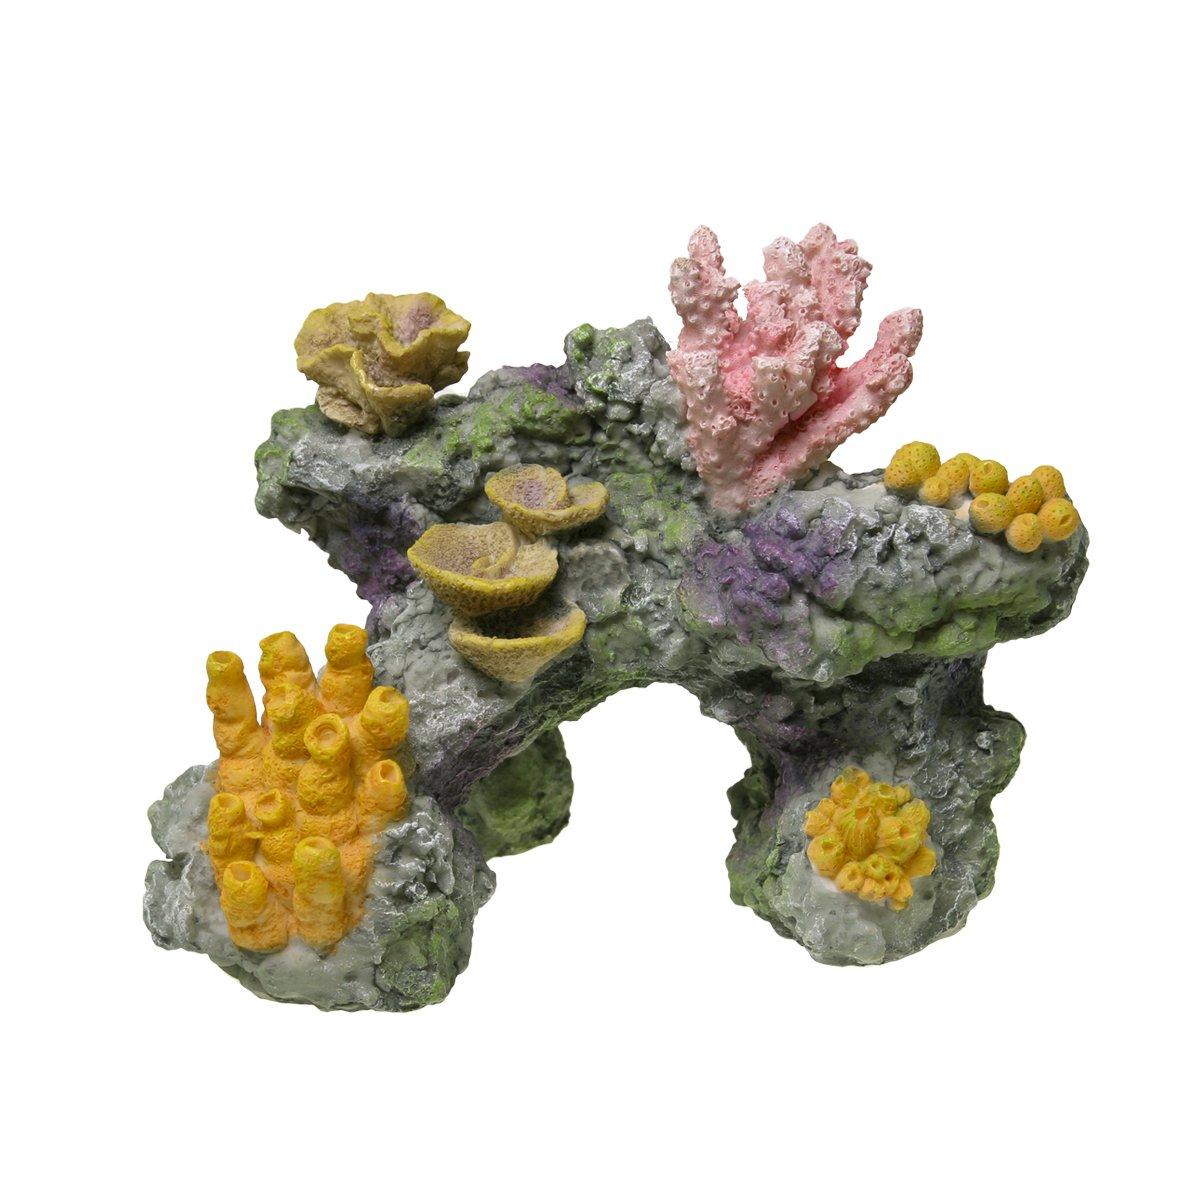 Medium bluee Ribbon EE-1741 Exotic Environments Coral Reef Rock Aquarium Ornament